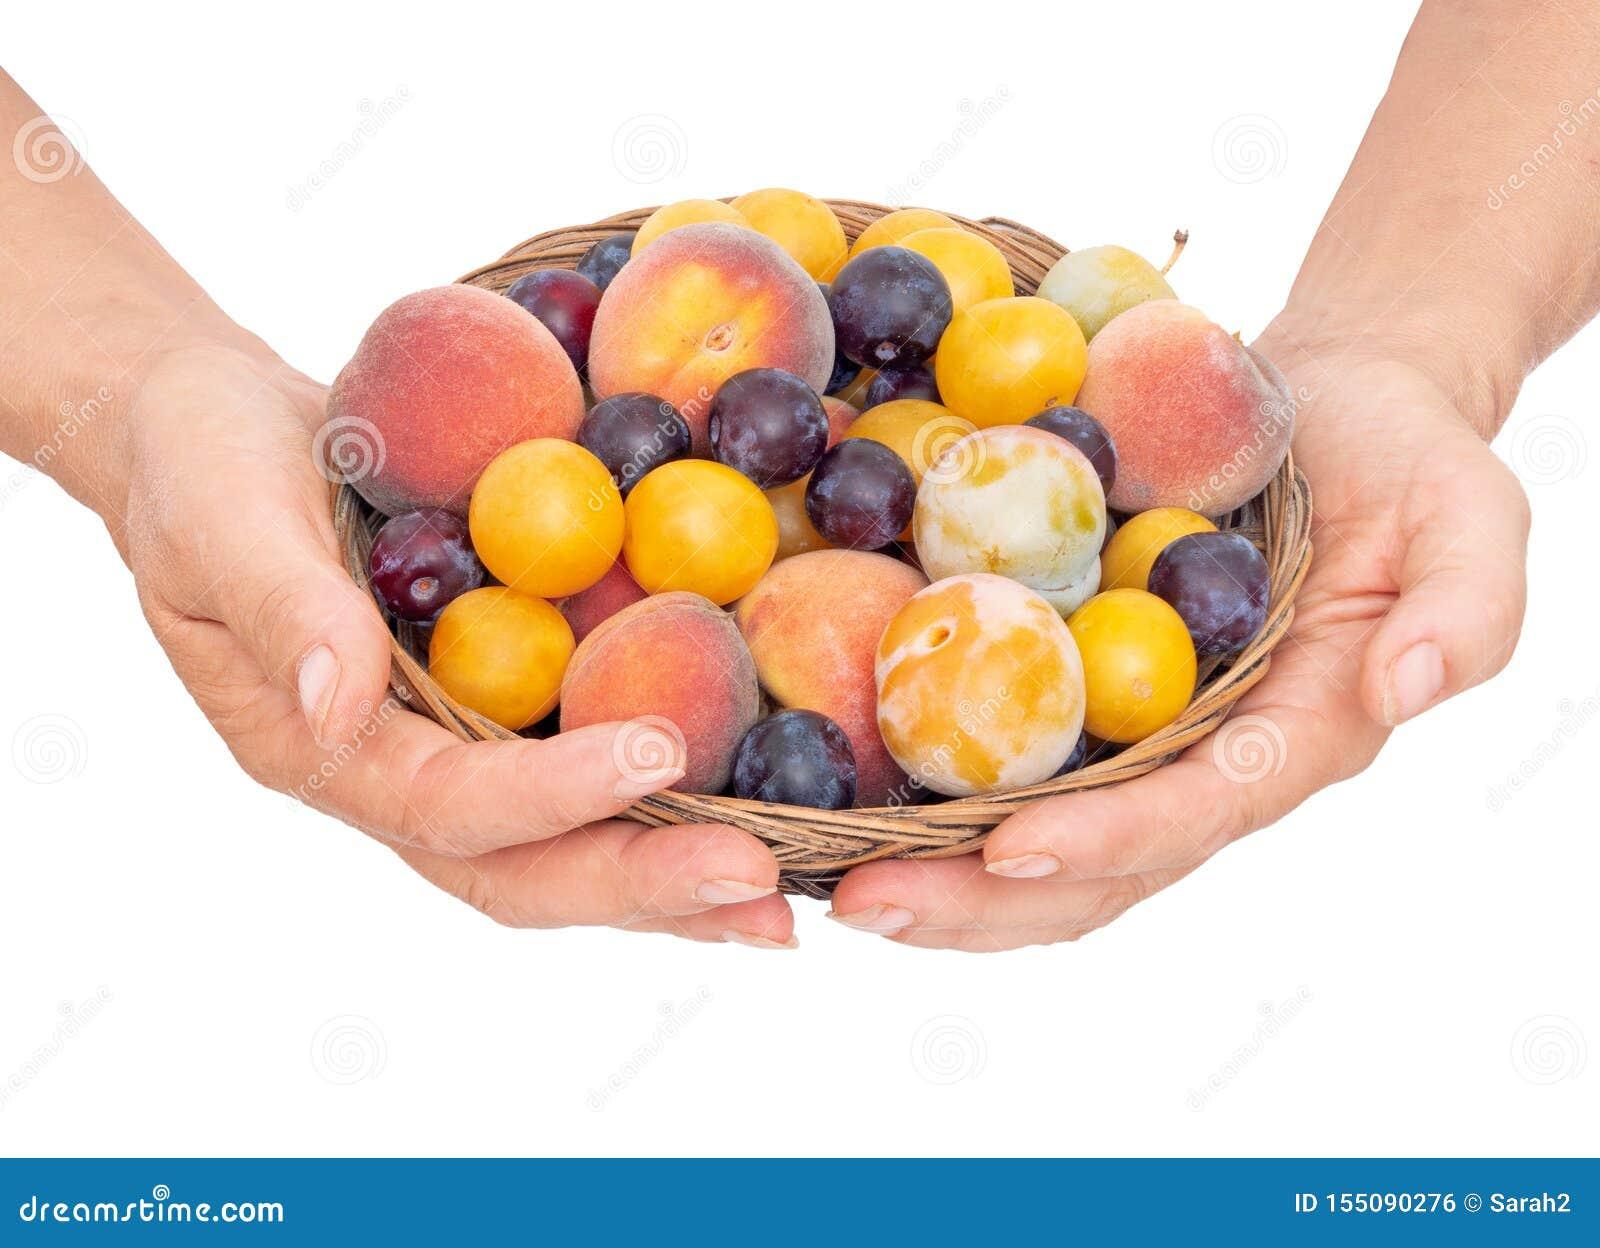 Mig med gammalmodig frukt från en lång övergiven fruktträdgård Mycket små gula plommoner, krikon, renklor och litet som är söta